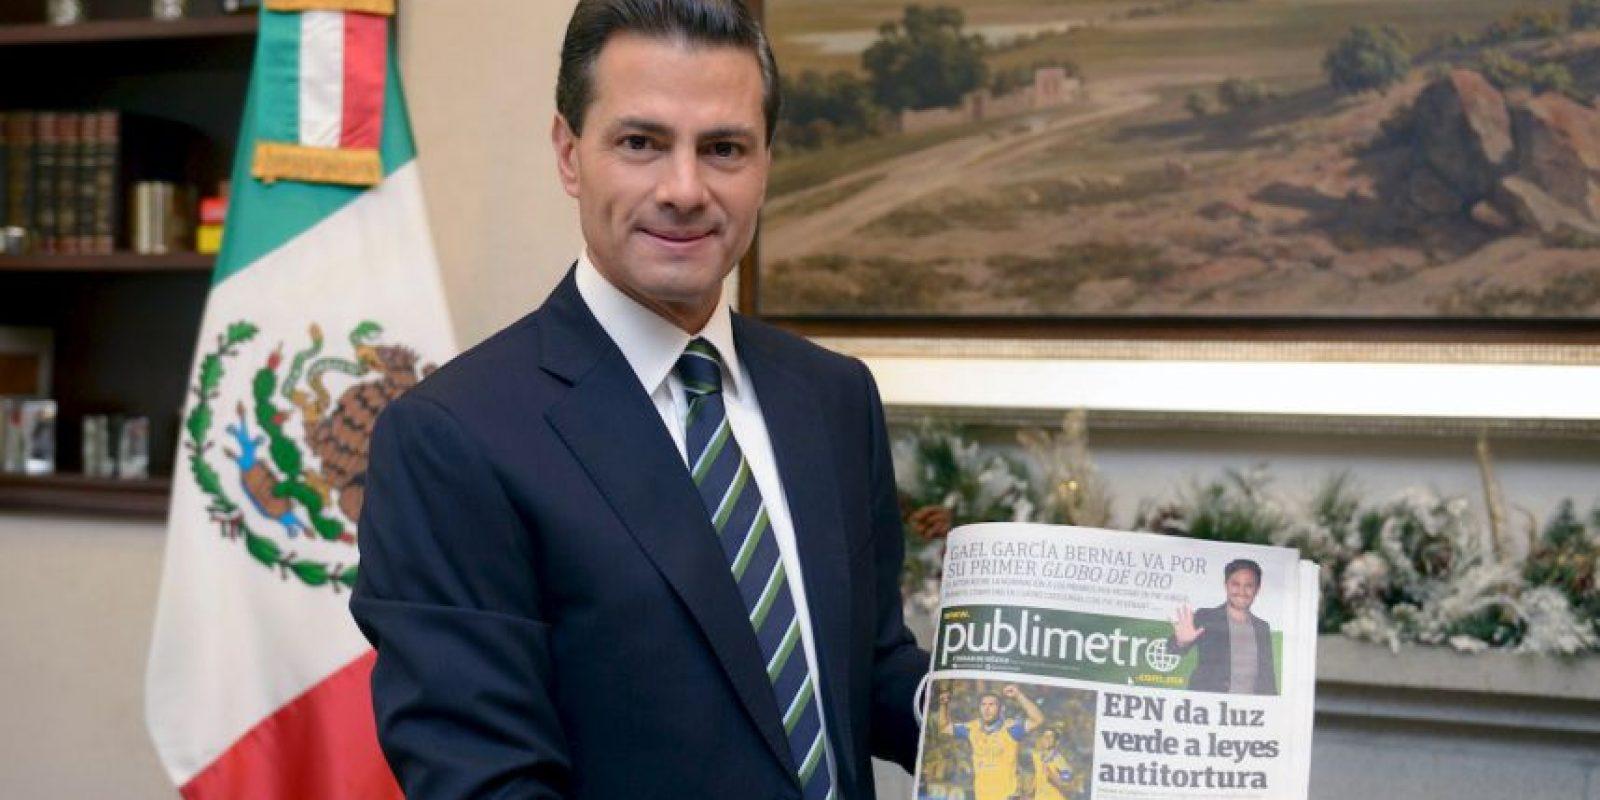 Enrique Peña Nieto: México, motor de América Latina Foto:Nicolás Corte / Publimetro México